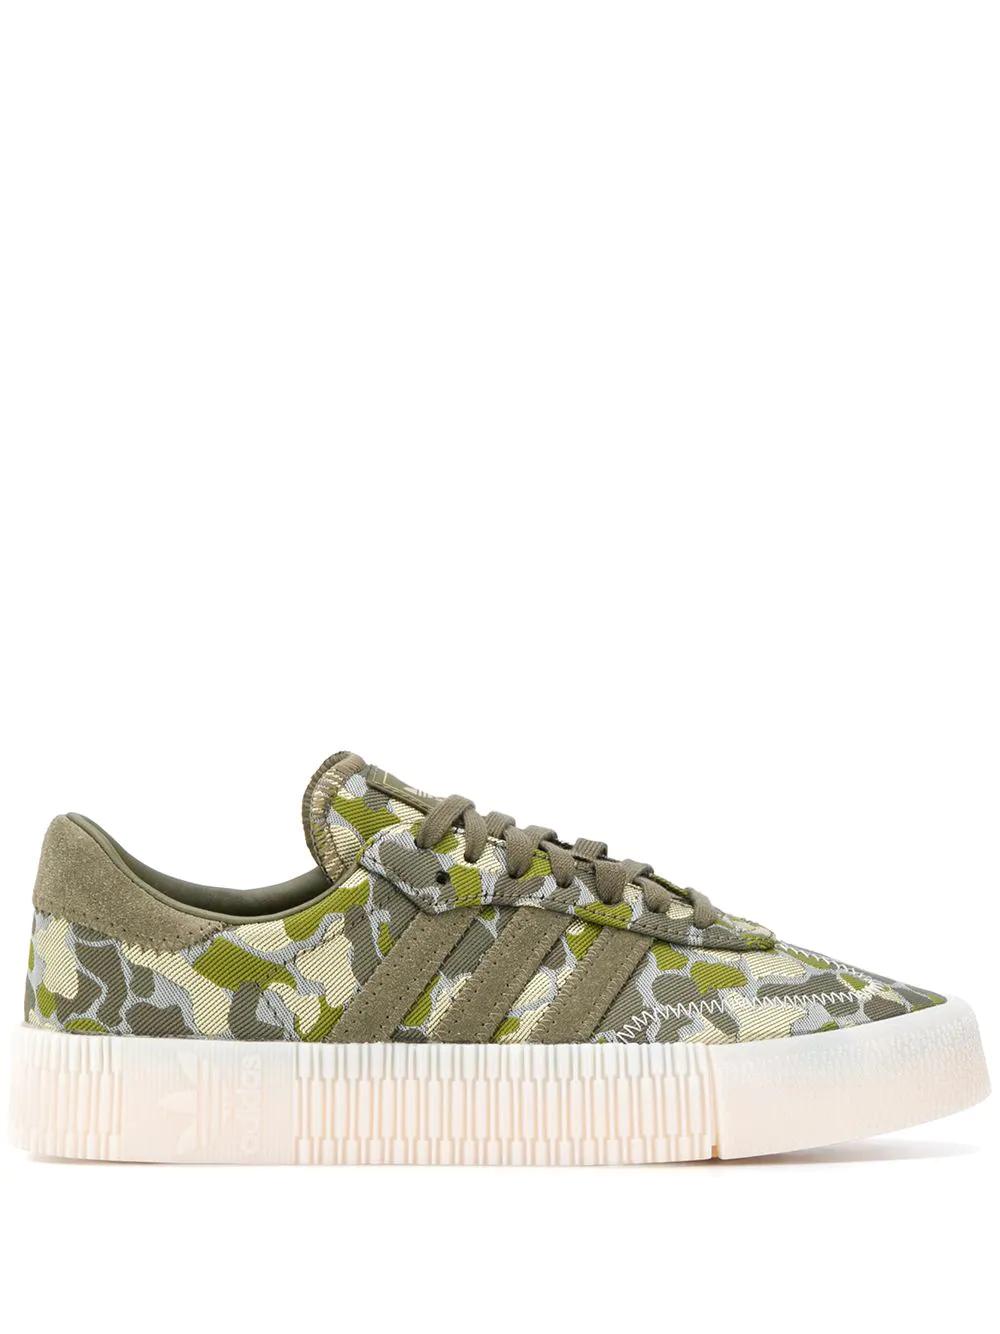 adidas | adidas камуфляжные кроссовки Sambarose | Clouty